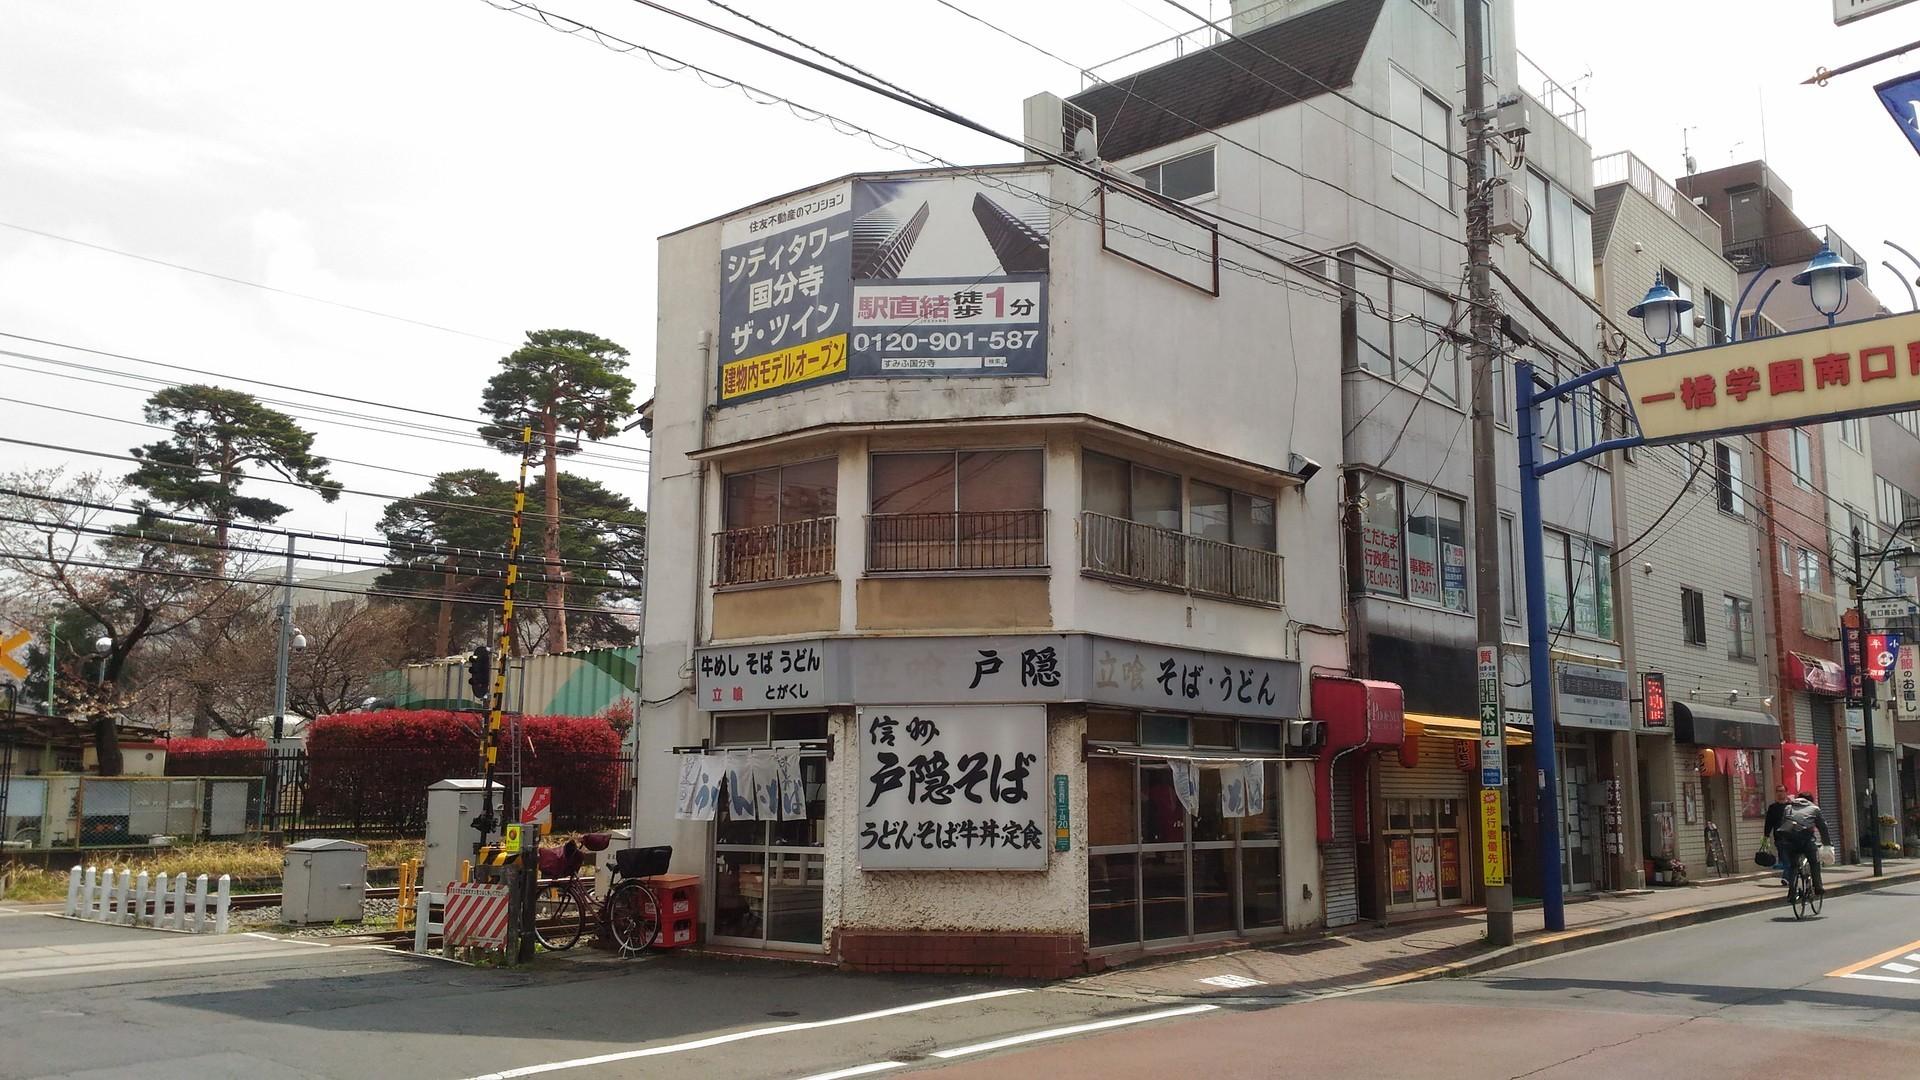 武蔵 村山 sap